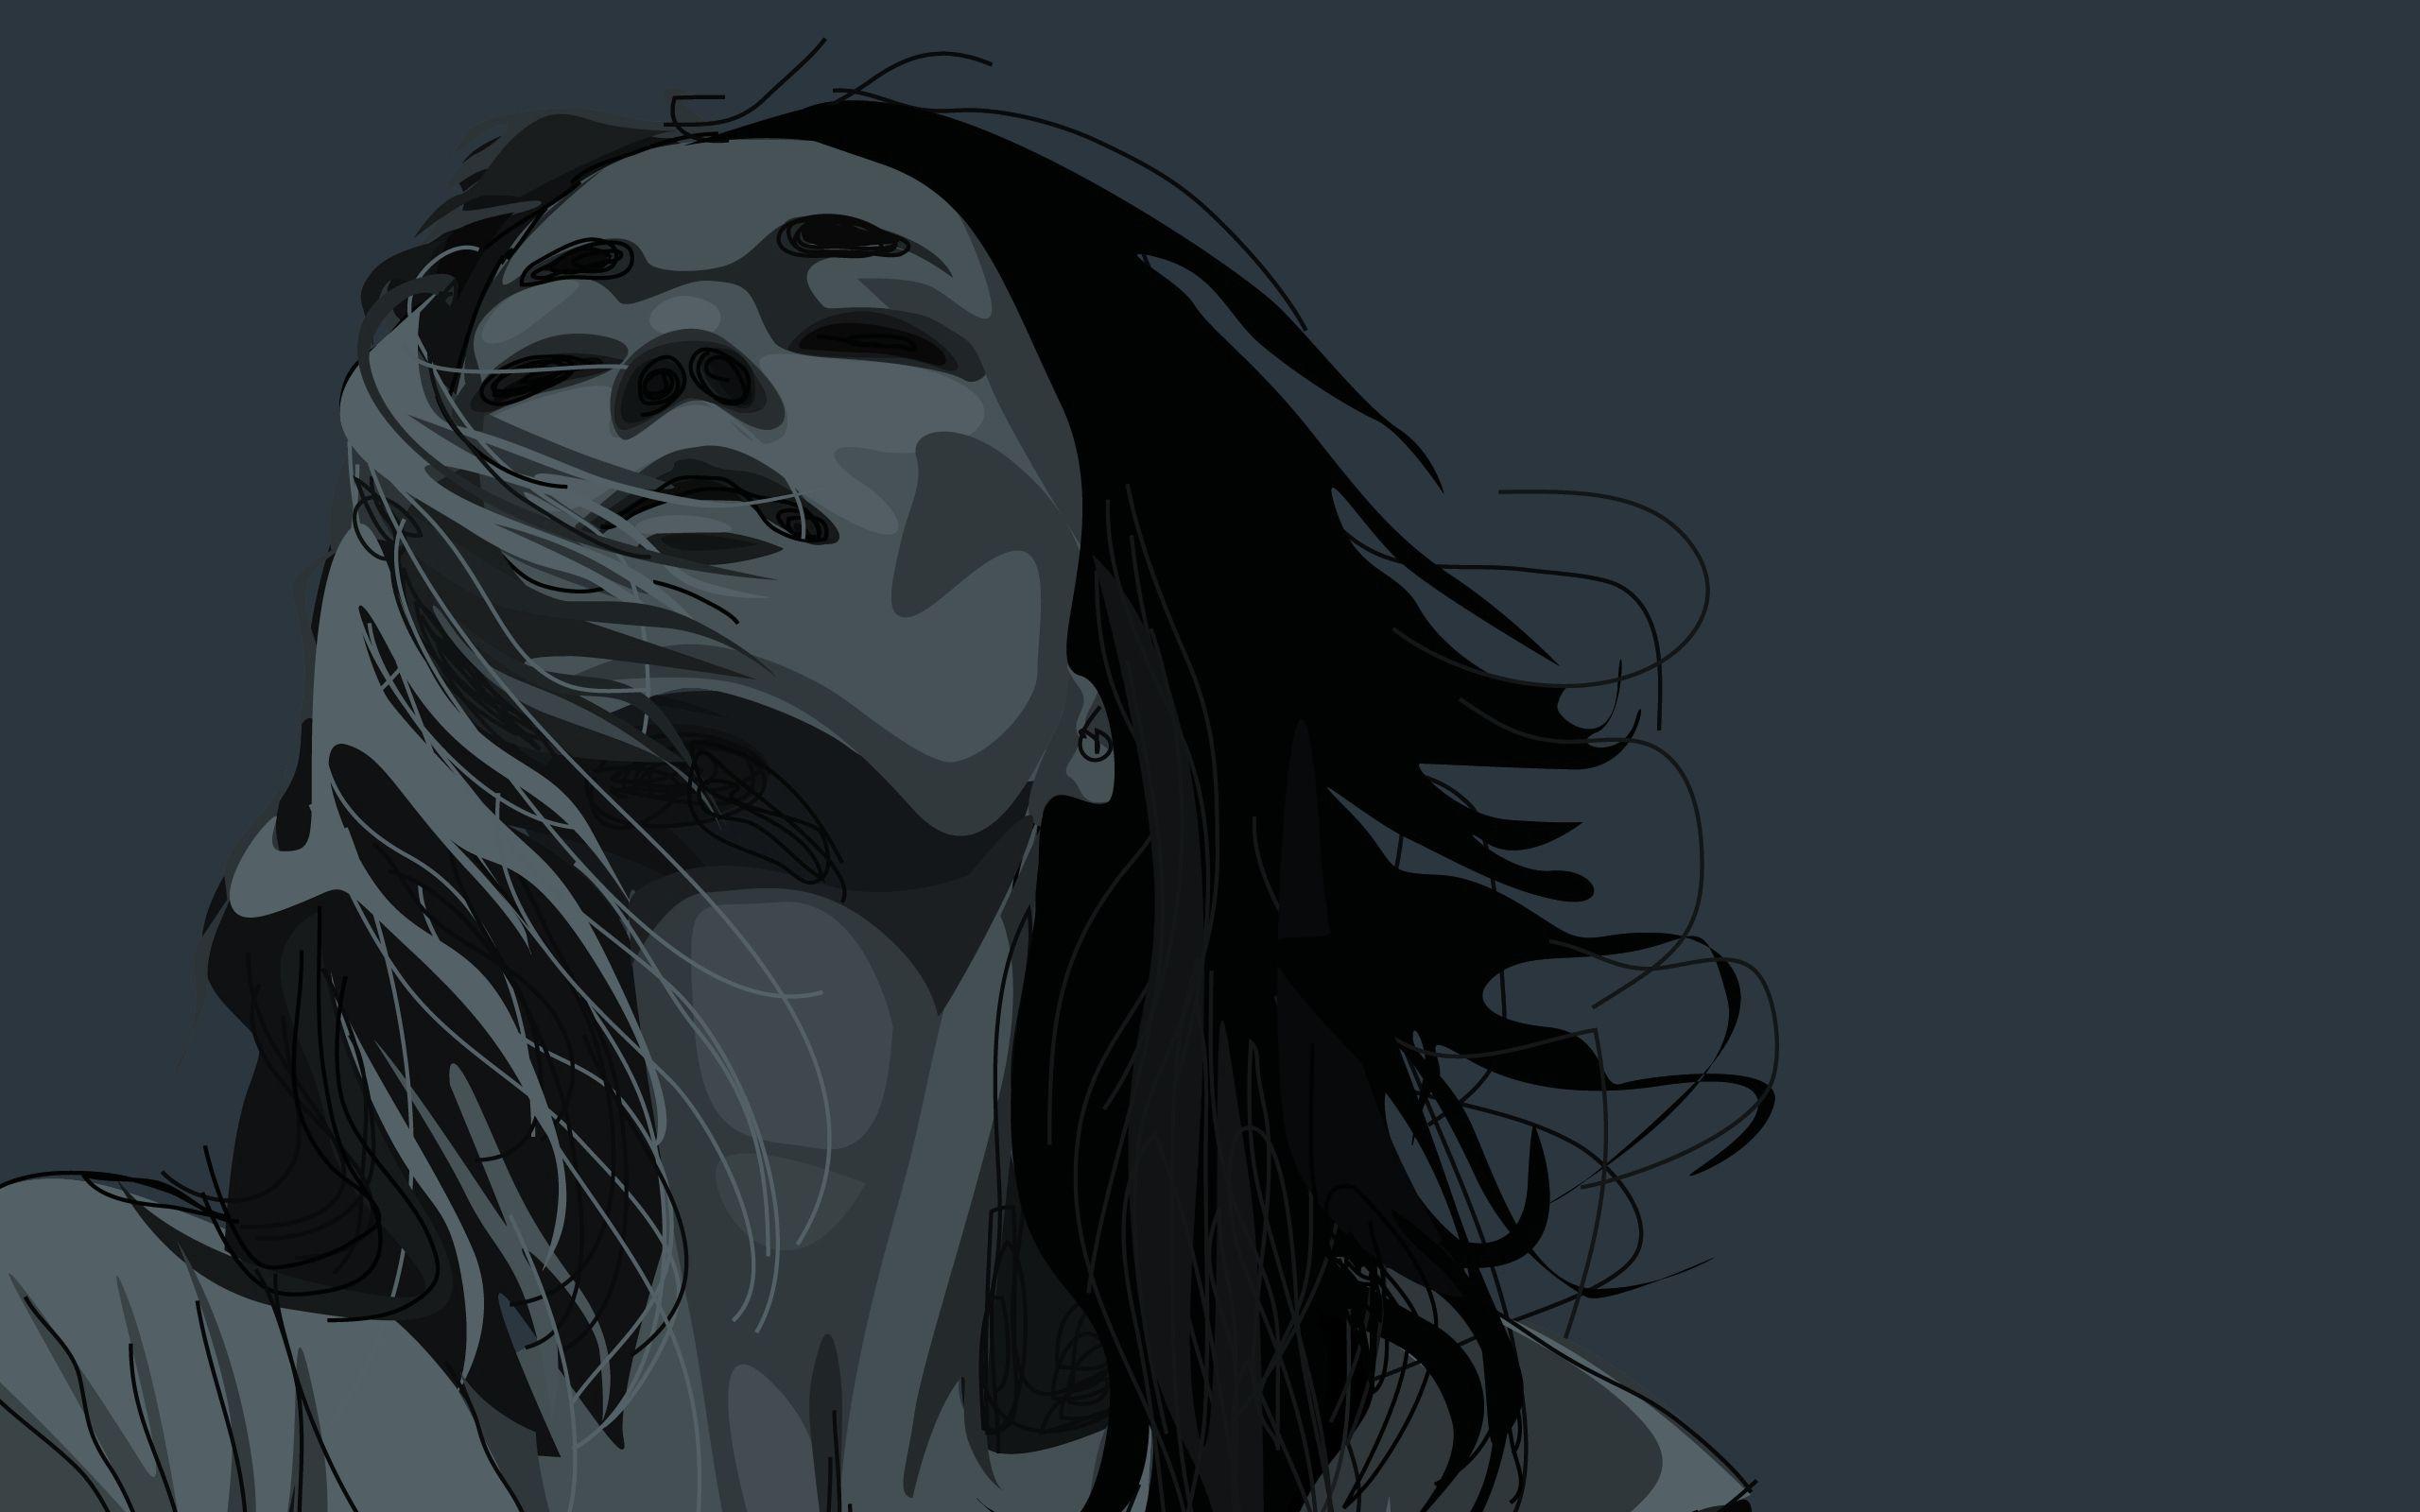 114133 Hintergrundbild herunterladen Mädchen, Vektor, Porträt, Haar, Gesicht - Bildschirmschoner und Bilder kostenlos